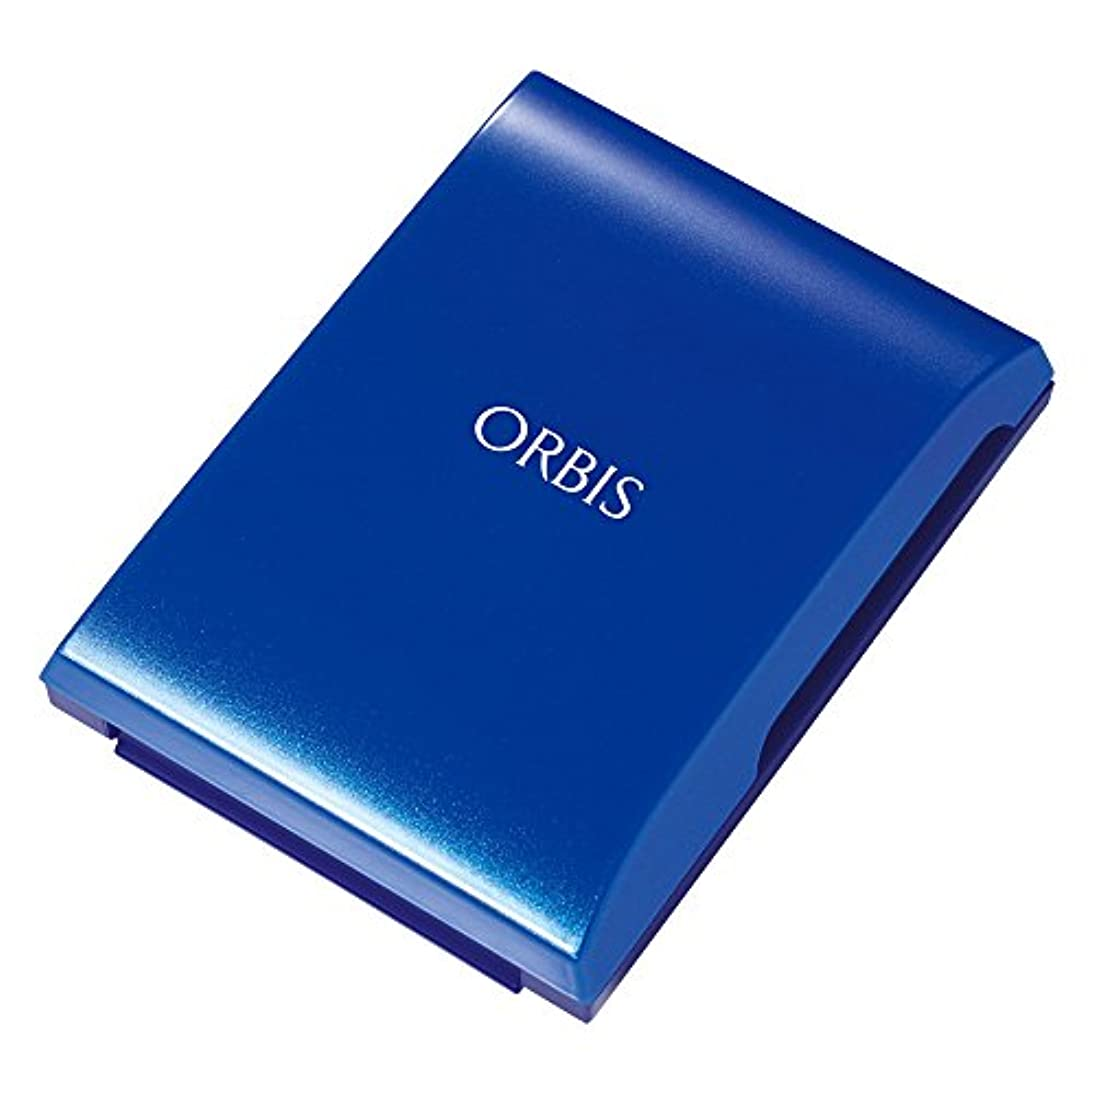 潮シプリーバラ色オルビス(ORBIS) クリアパウダーファンデーション 専用ケース